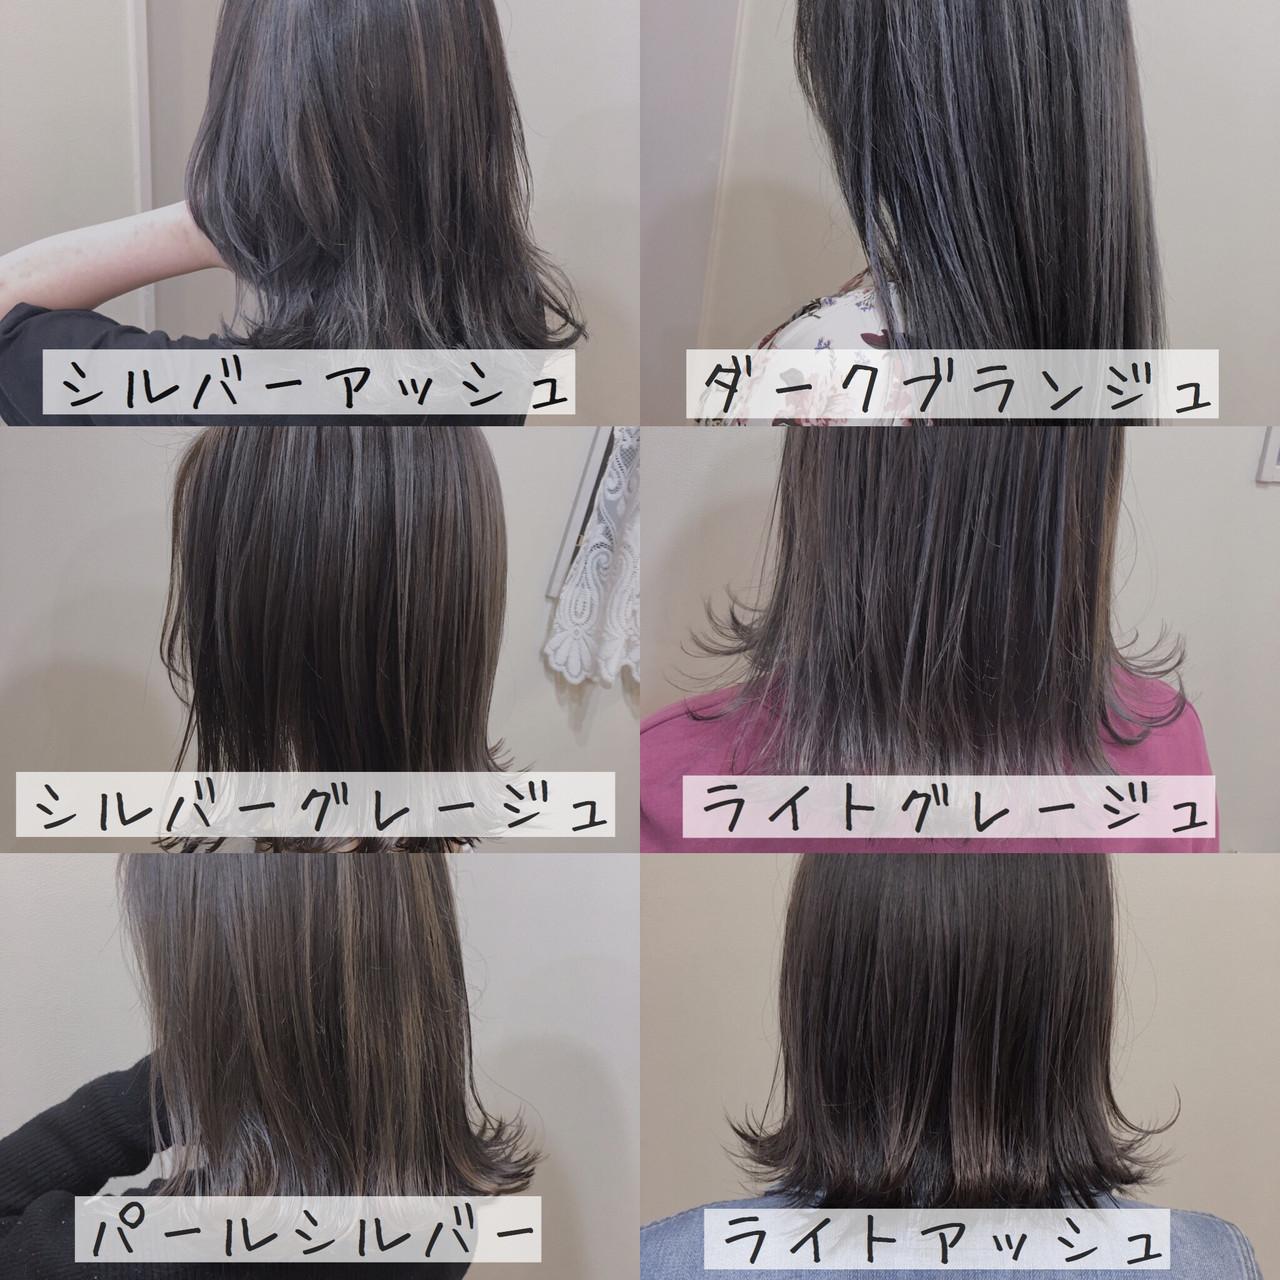 3Dハイライト ボブ ロブ バレイヤージュ ヘアスタイルや髪型の写真・画像 | 《町田の美容師》キタダヒロキ / Hair Frais Make